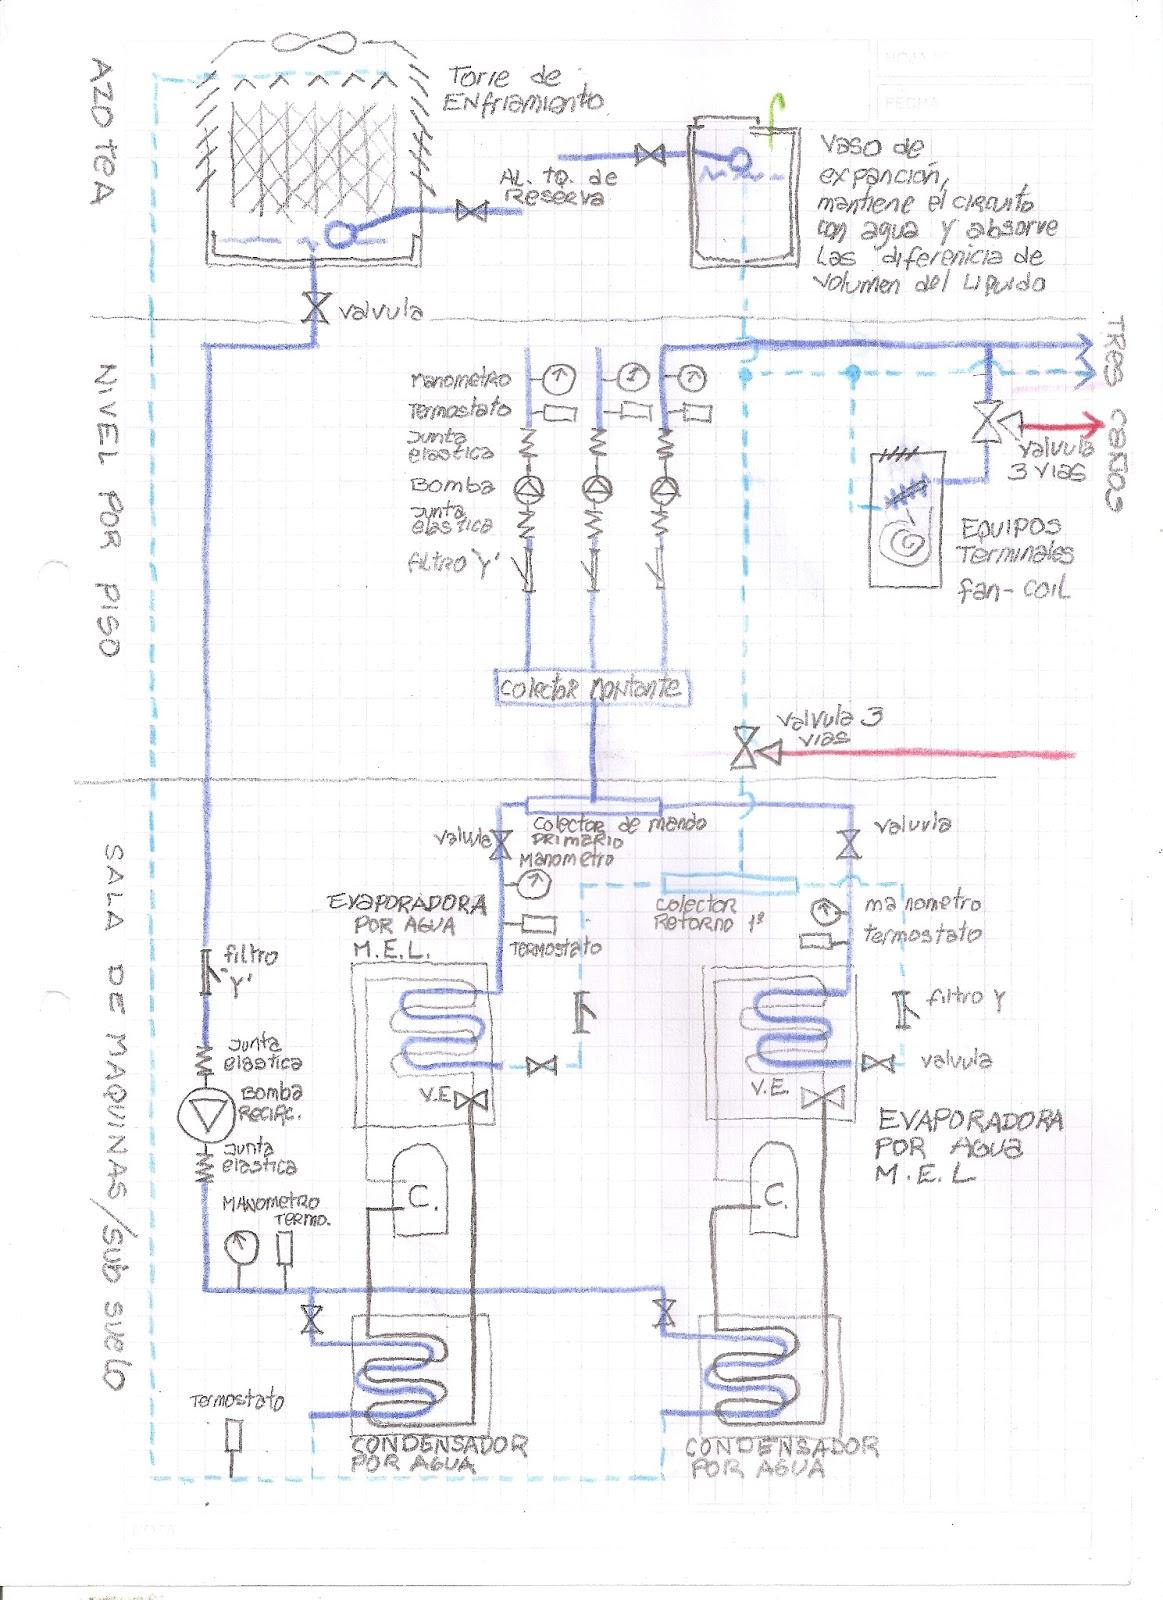 Circuito Hidraulico Mixto : Acondicionamiento termico en la arquitectura: distribuciÓn del agua